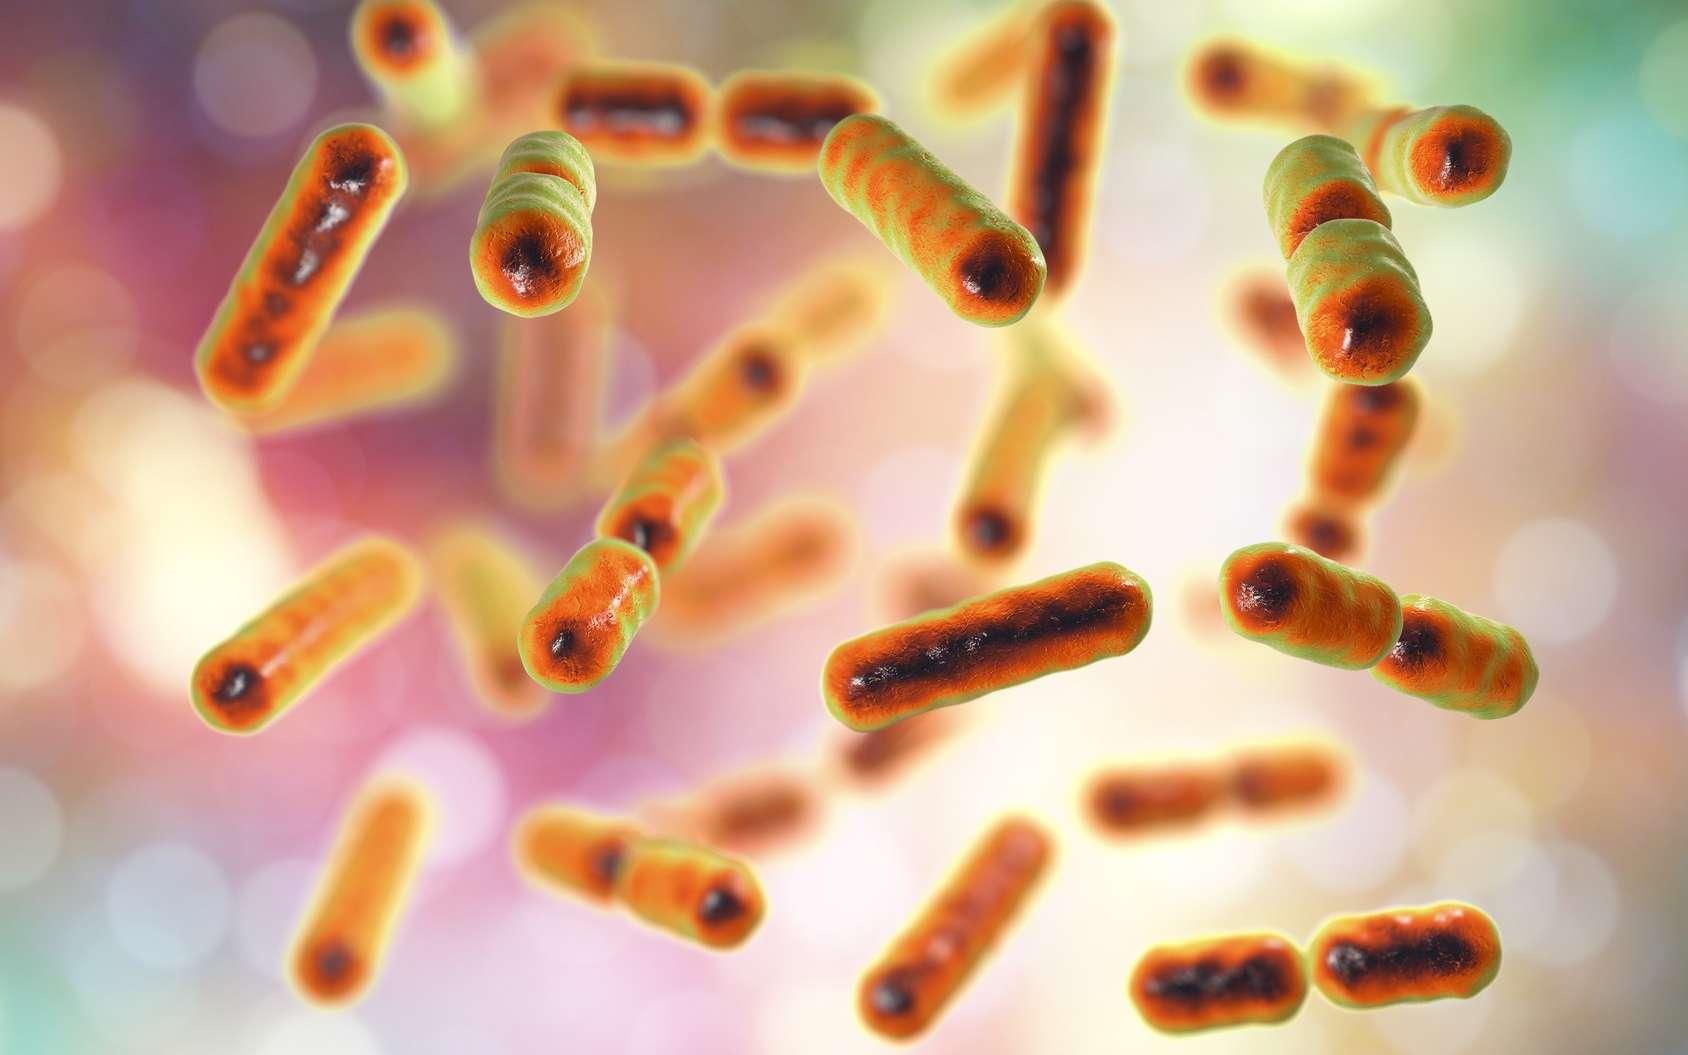 Des chercheurs de l'université d'État de l'Oregon (États-Unis) ont réalisé un progrès important dans la compréhension des rôles des bactéries intestinales dans la santé humaine. © Kateryna_Kon, Fotolia